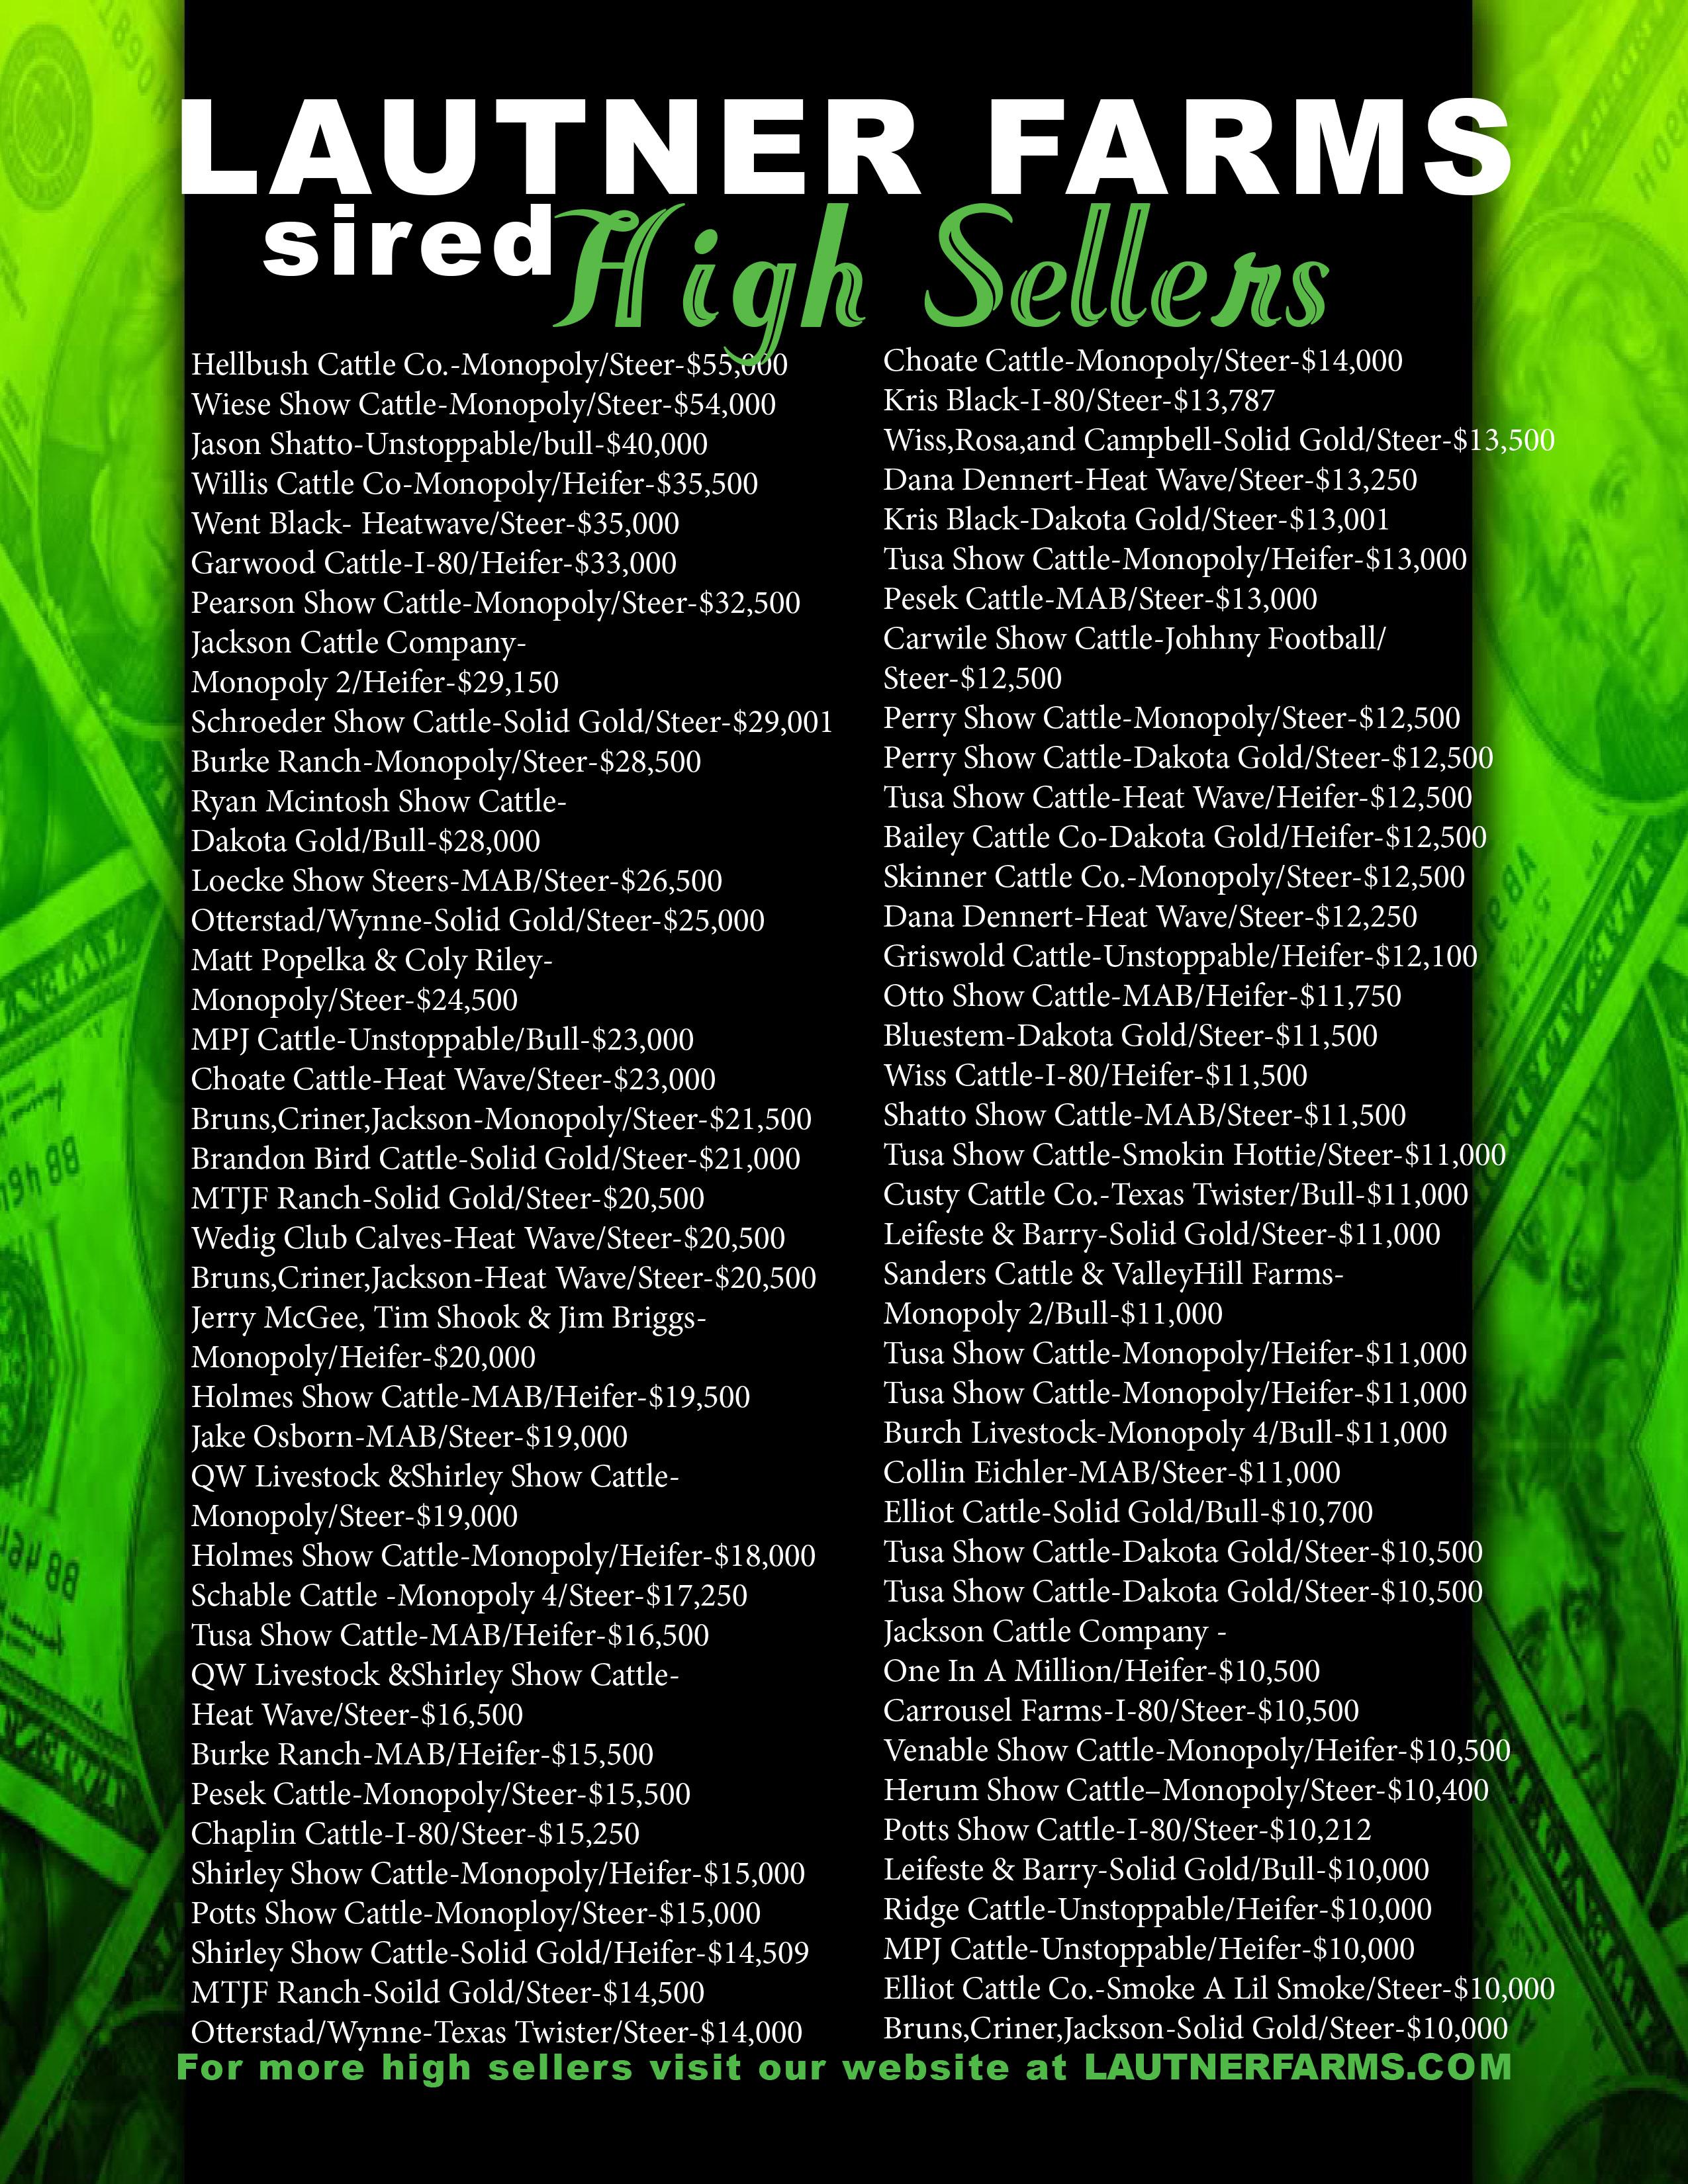 2015 fall high sellers PDF